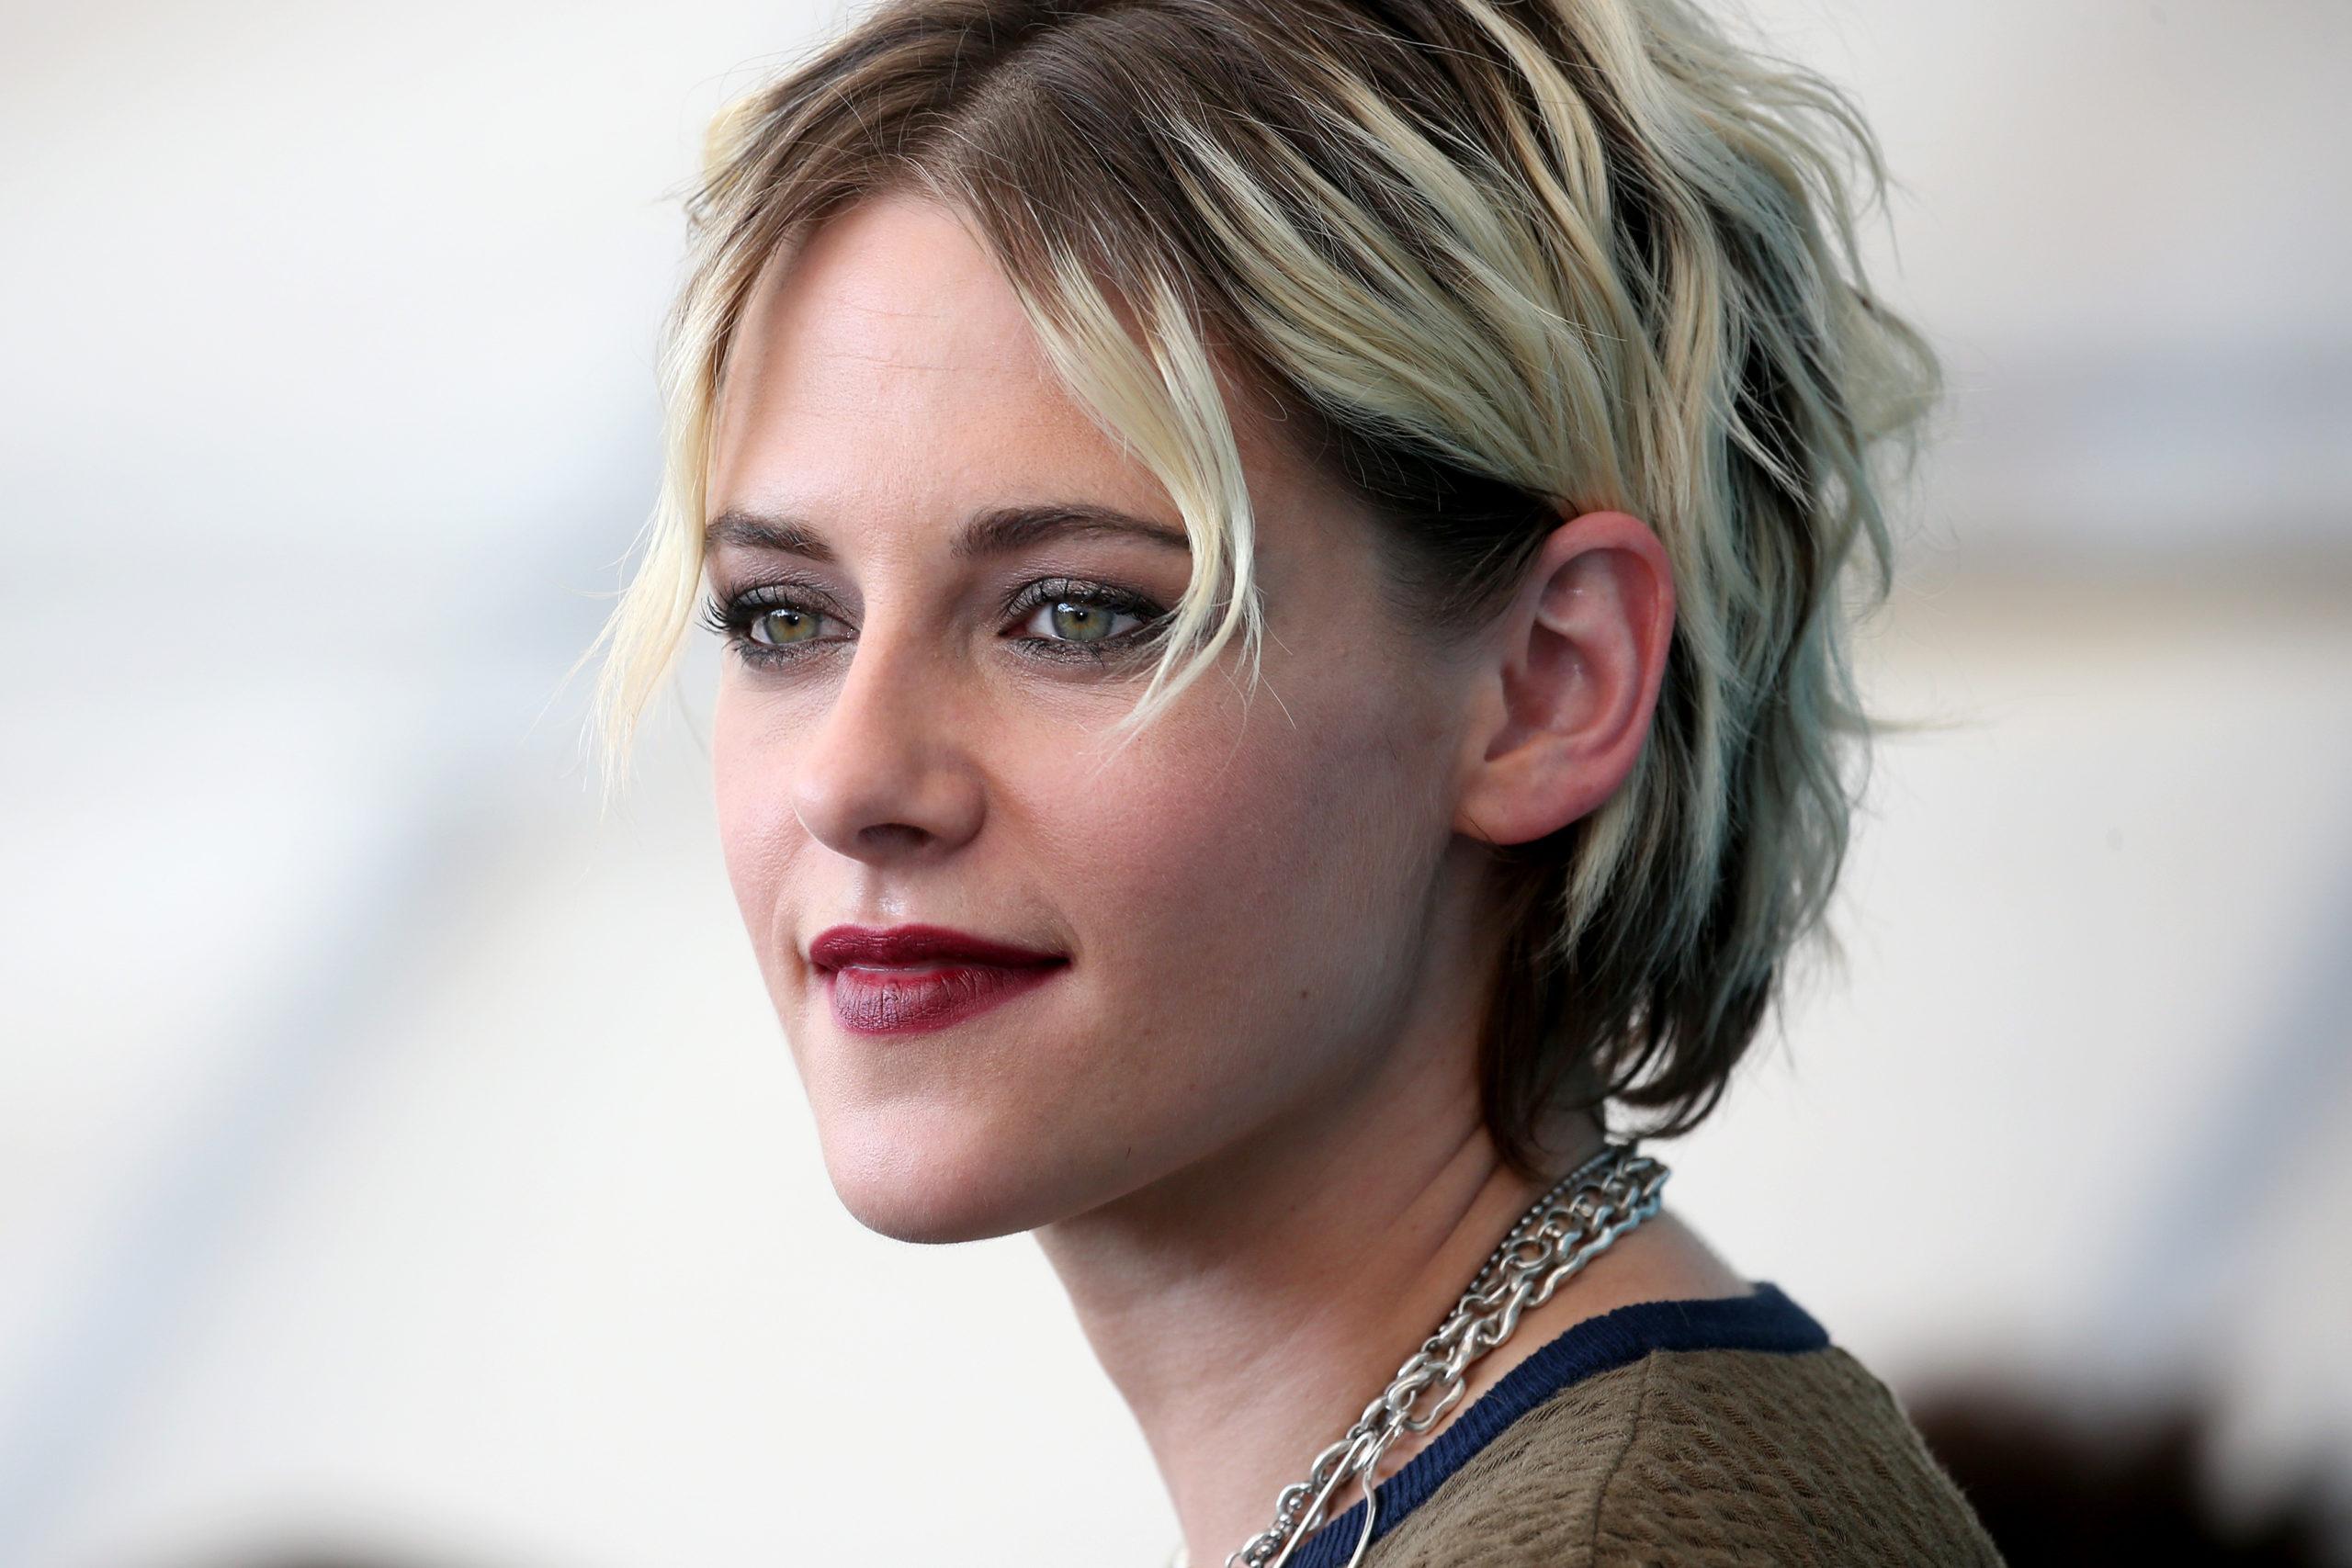 Kristen Stewart Net Worth In 2020